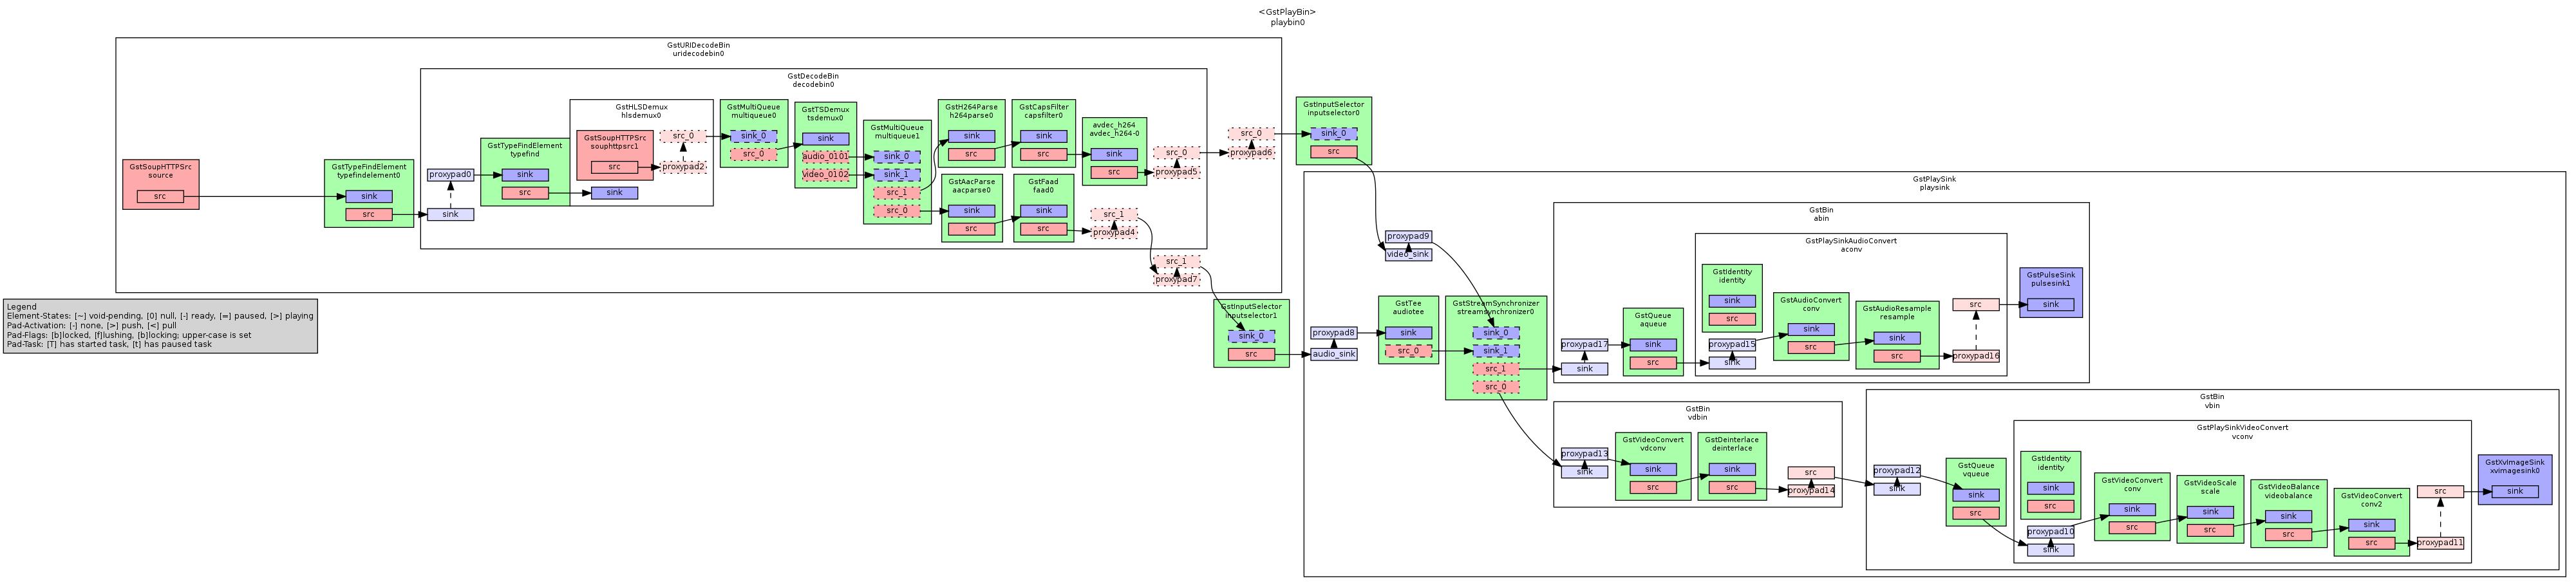 gstreamer – coaxion net – slomo's blog